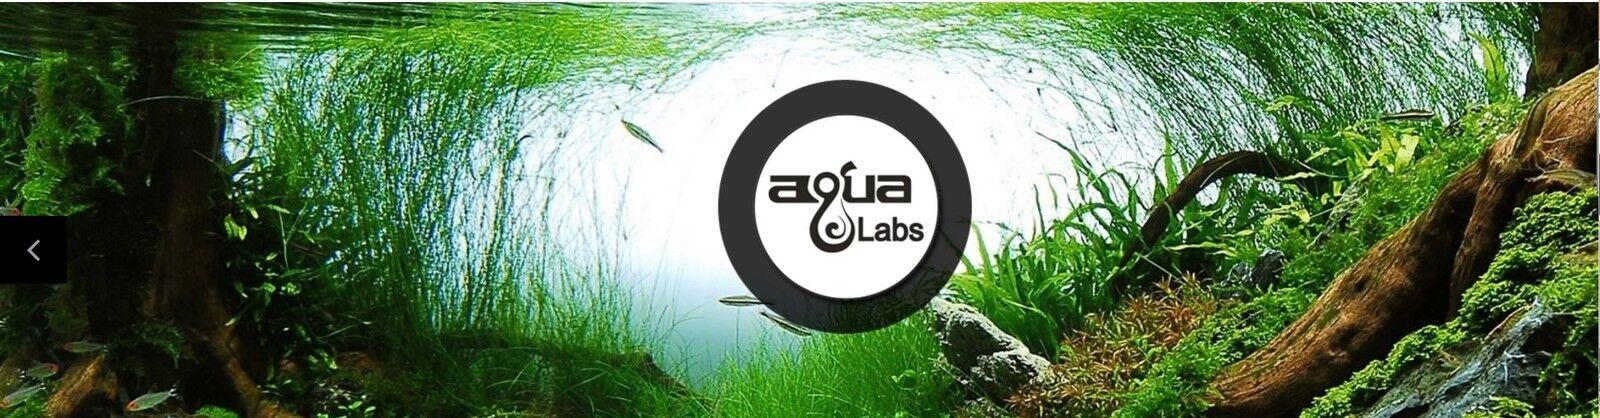 aqua-labs